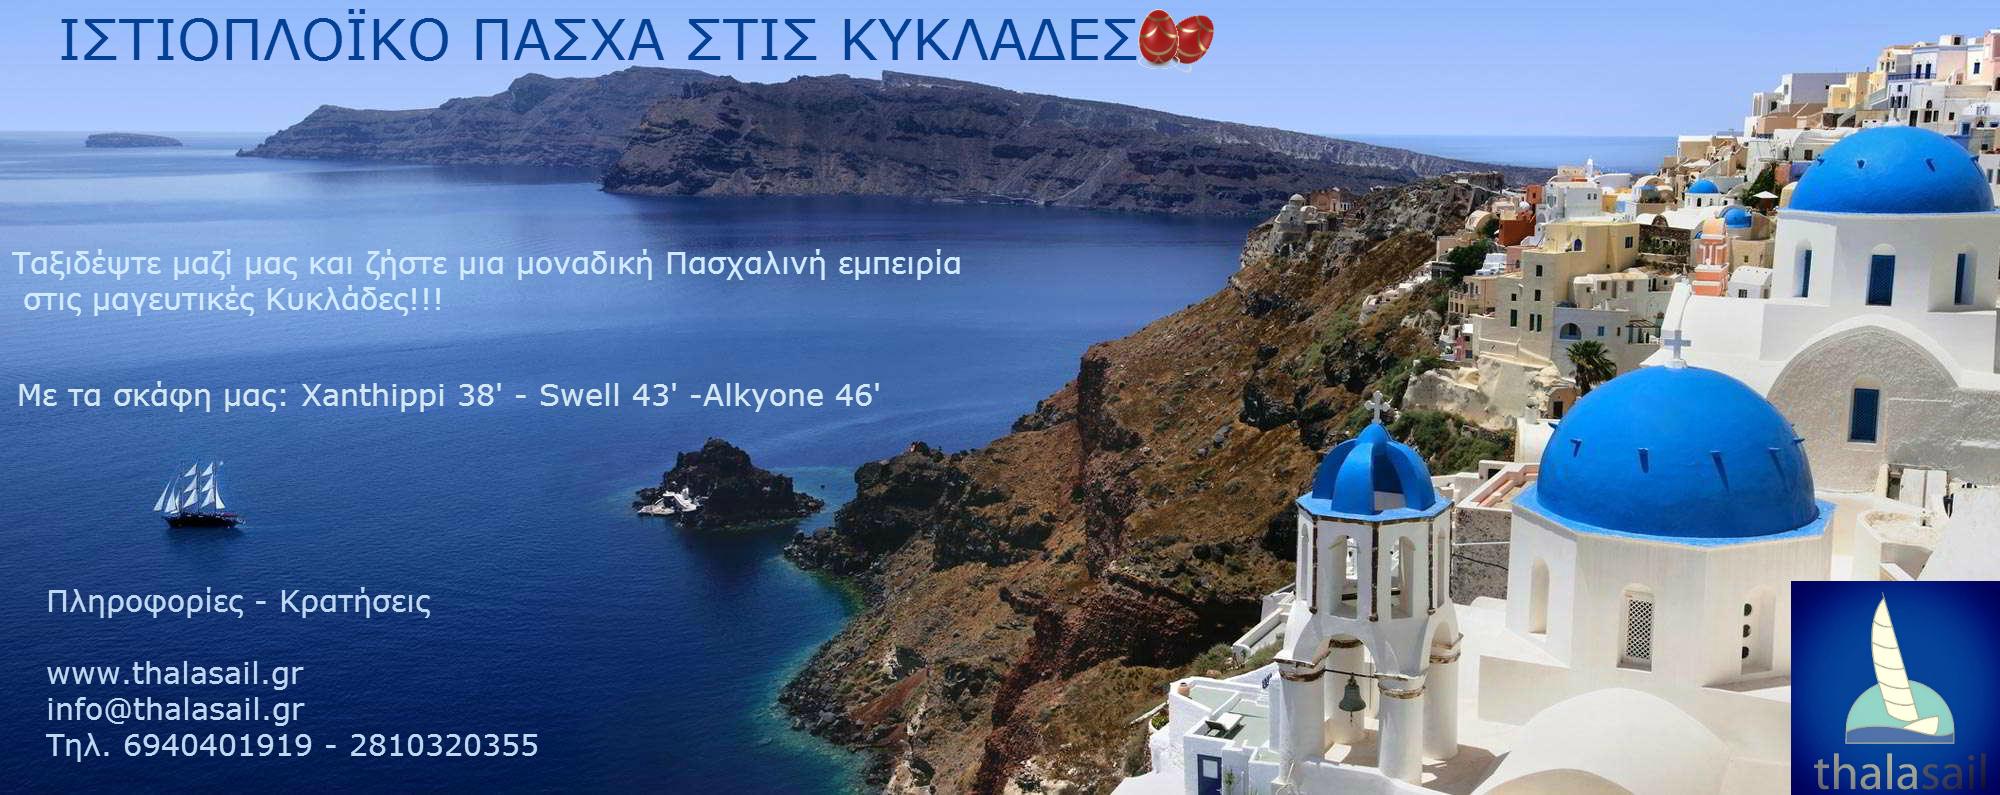 greciaνες2346fgn